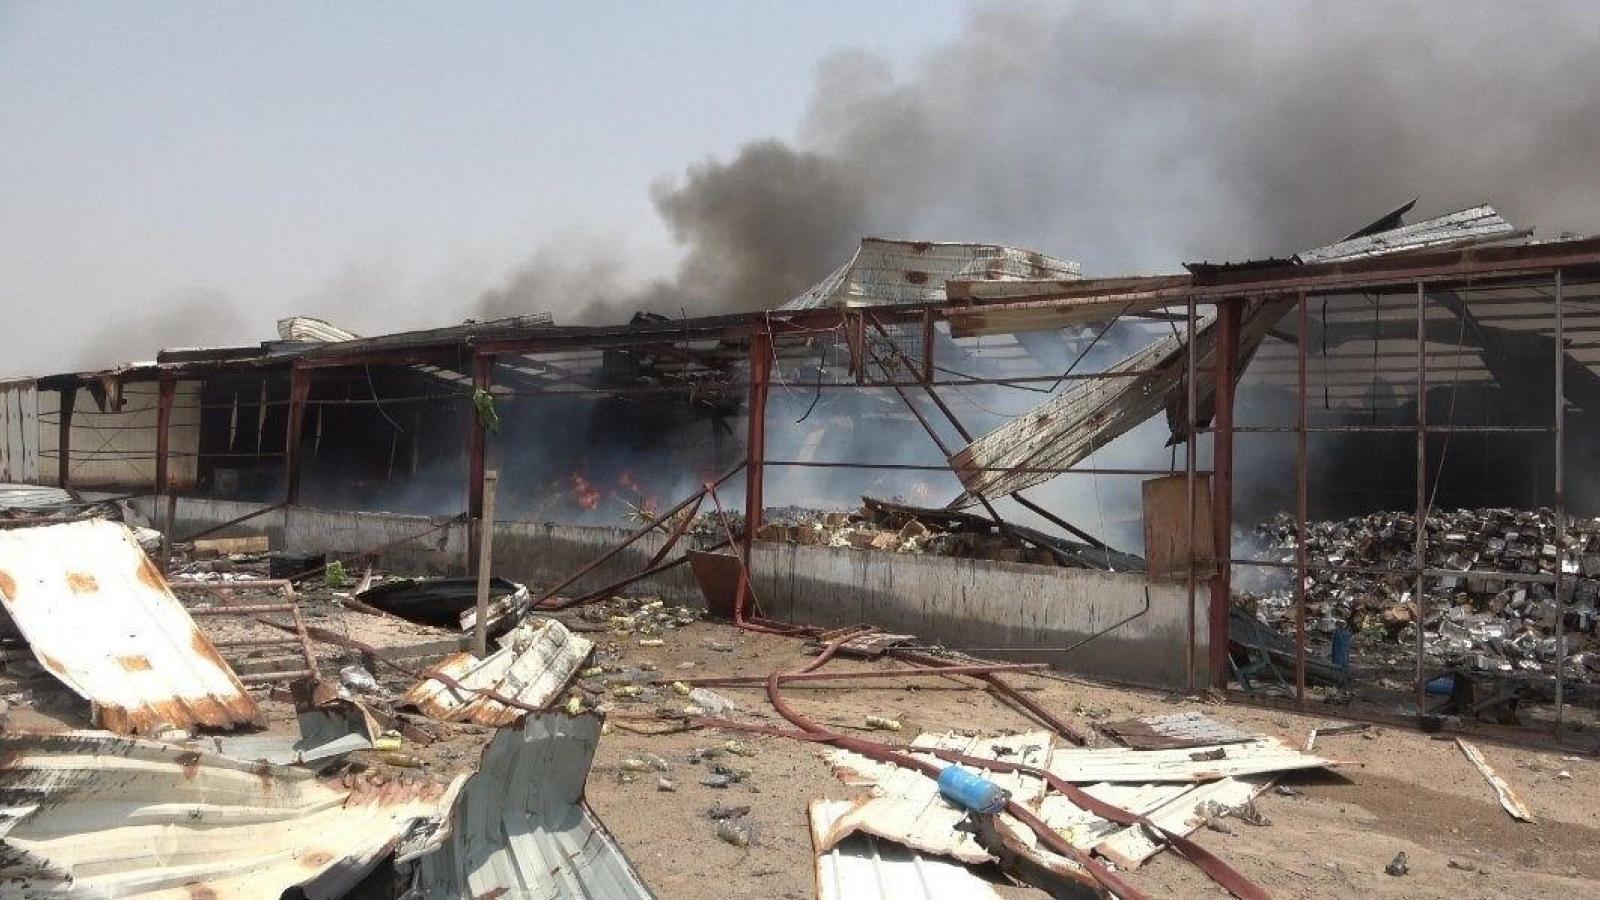 Chính phủ Yemen cáo buộc lực lượng Houthi tấn công kho hàng viện trợ